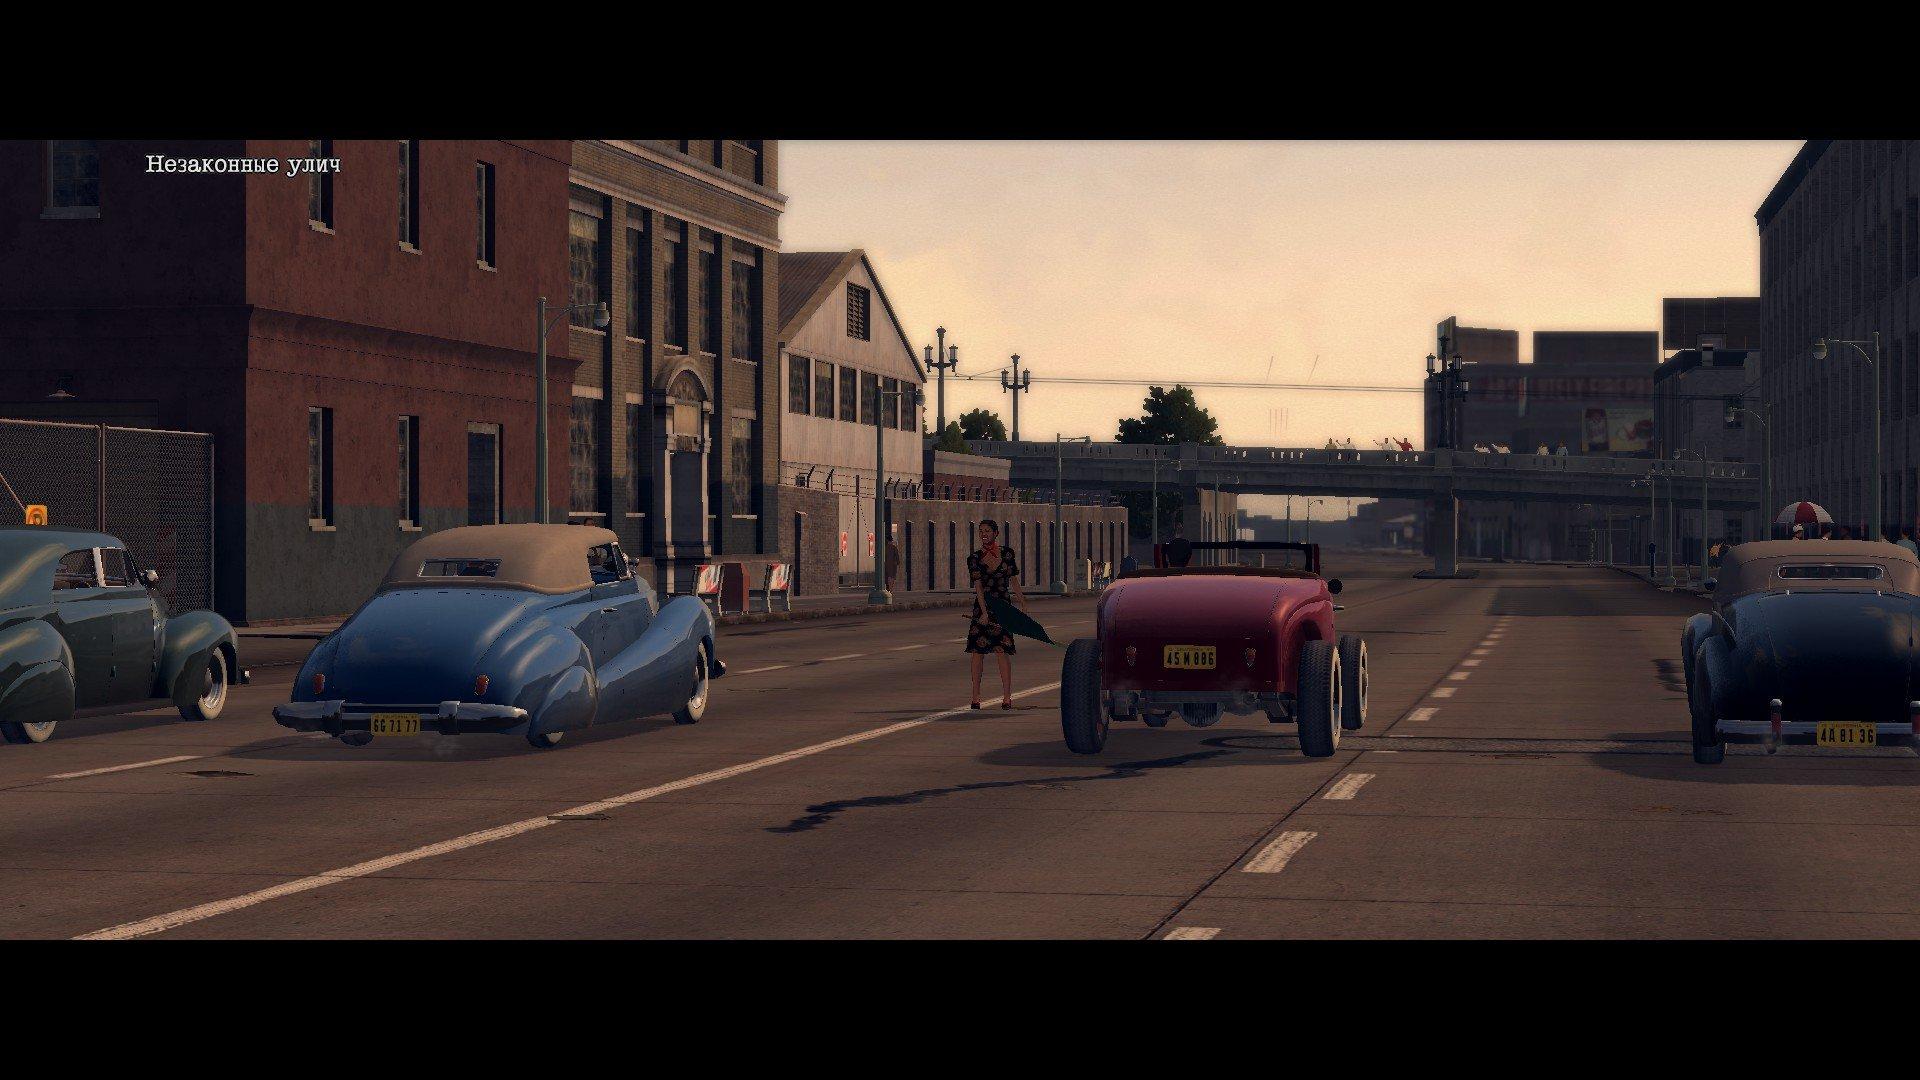 Пост-прохождение L.A. Noire Часть 6. - Изображение 34